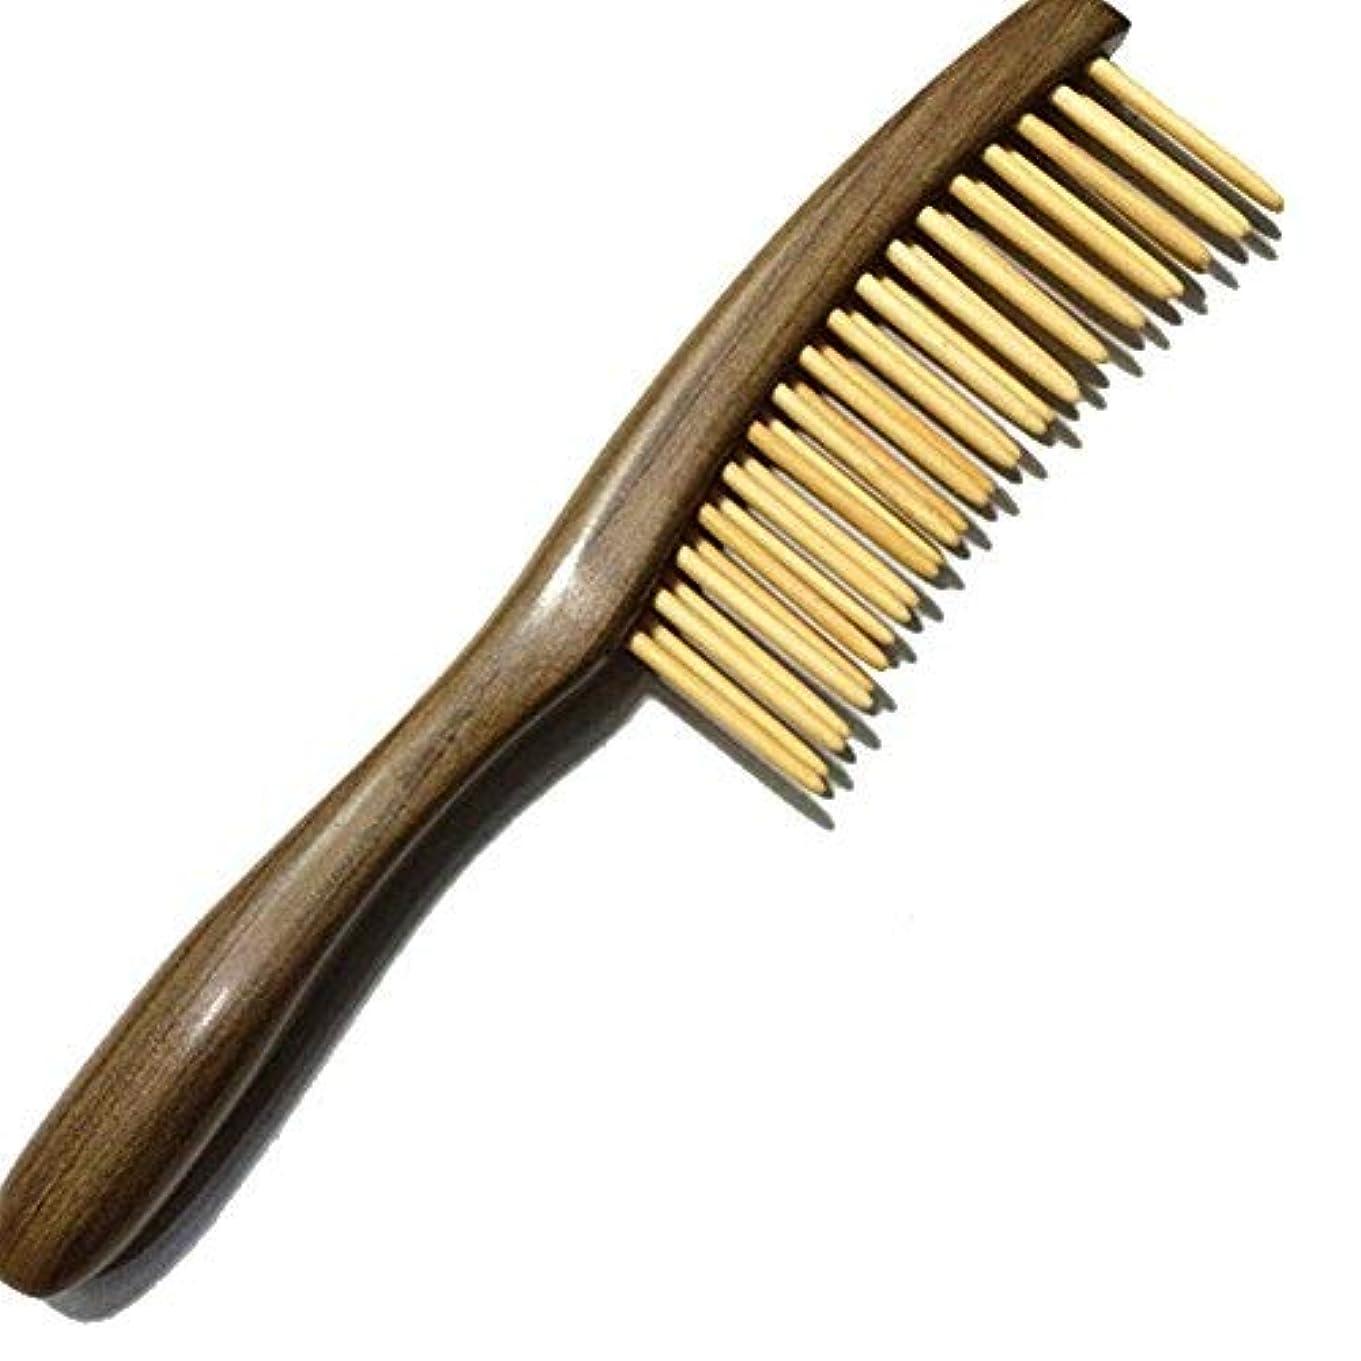 爆発する地下オフェンスFitlyiee Double Rows Teeth Sandalwood Hair Comb Anti-Static Handmade Wide Tooth Wooden Comb [並行輸入品]